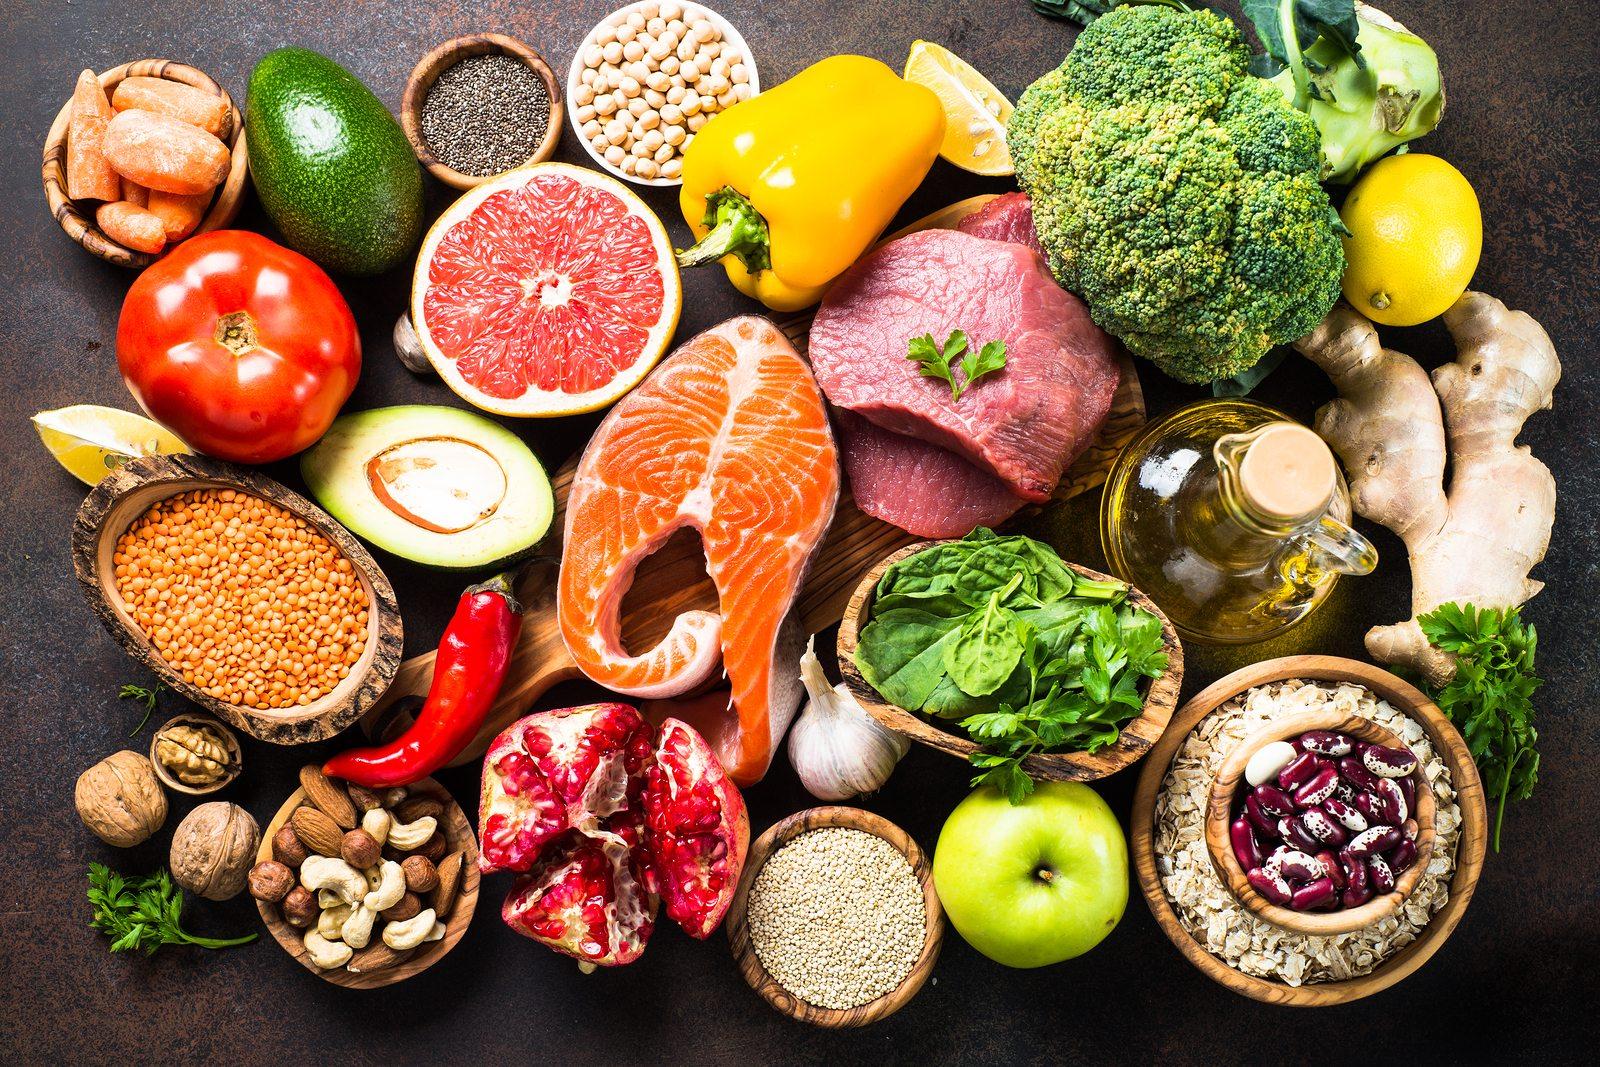 تنوع غذایی پروتیینی و گیاهی